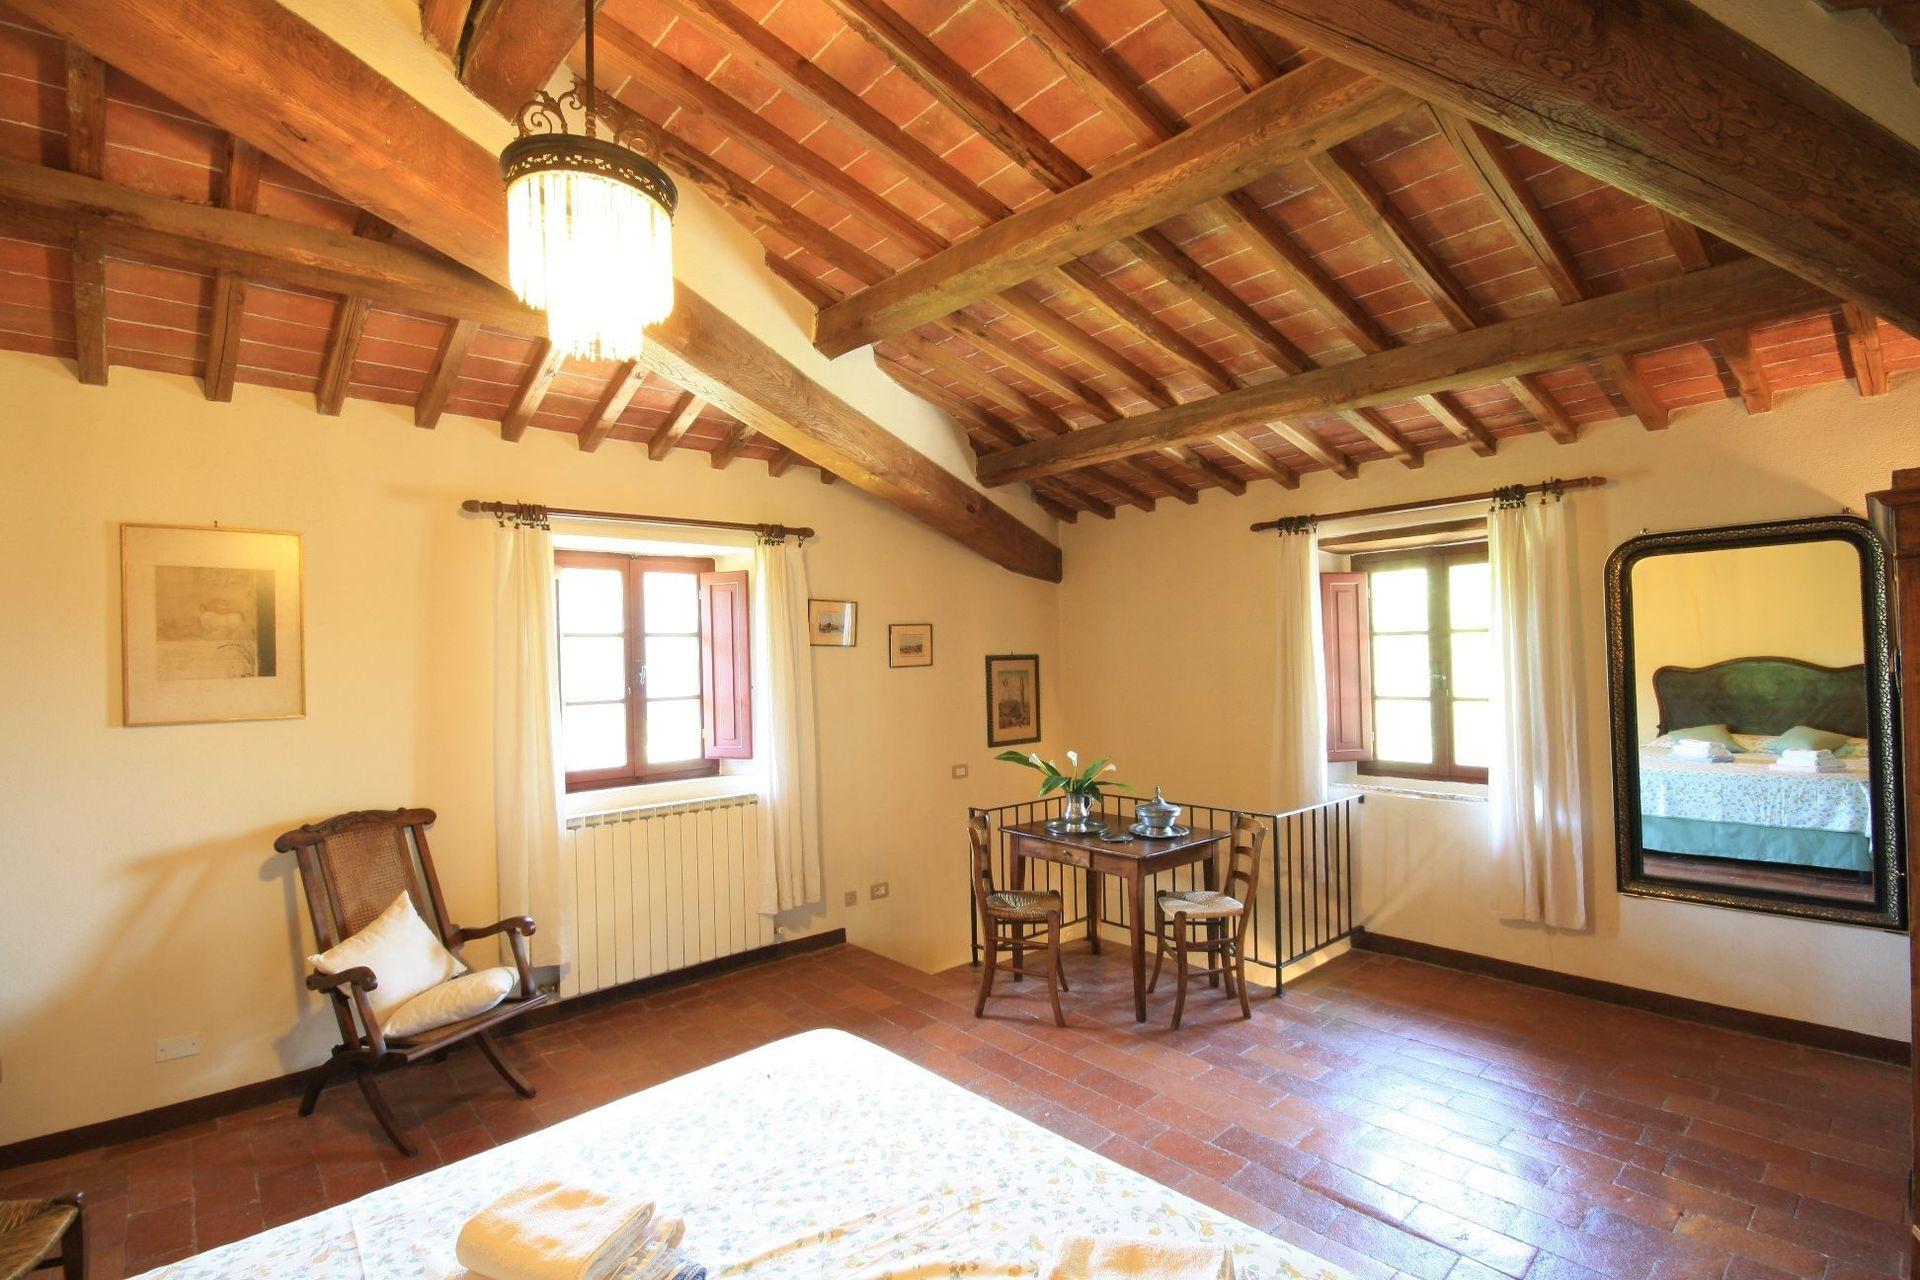 Guest house posti letto 3 in 1 camere casa vacanza a for Piani di casa con guest house annessa